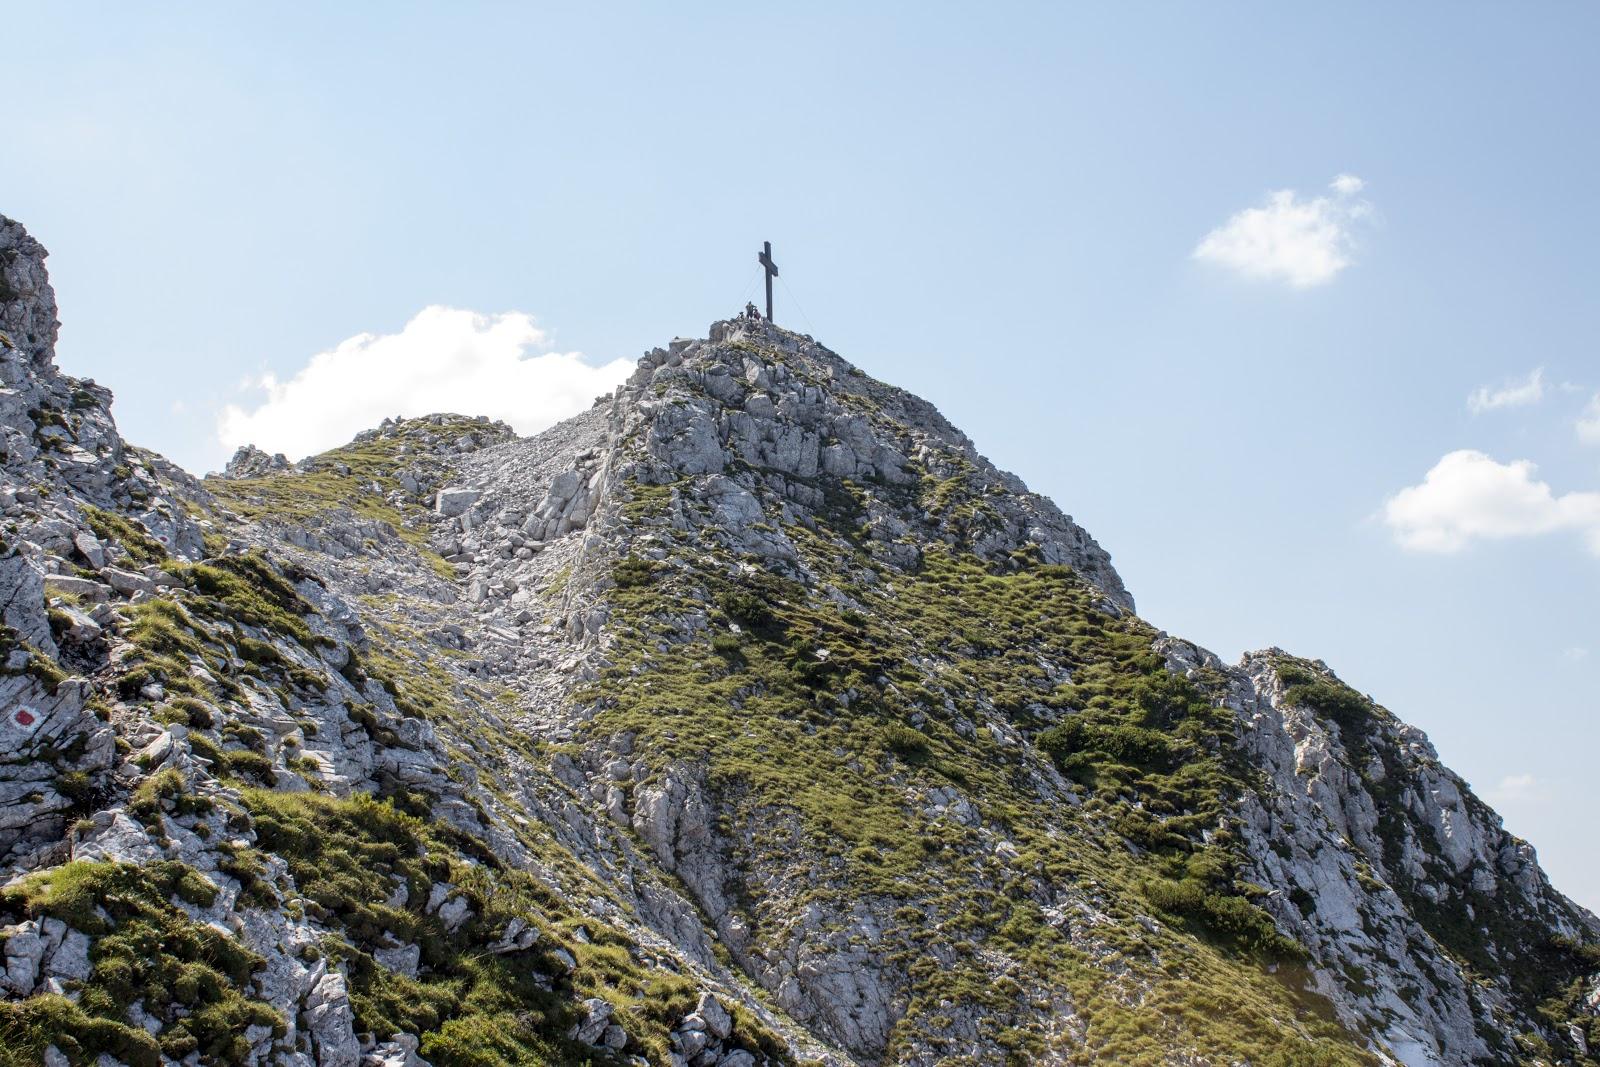 Von der Ardningeralmhütte über den Wildfrauensteig auf Frauenmauer, Bosruck und Kitzstein. - Blick aufs Gipfelkreuz vom Bosruck